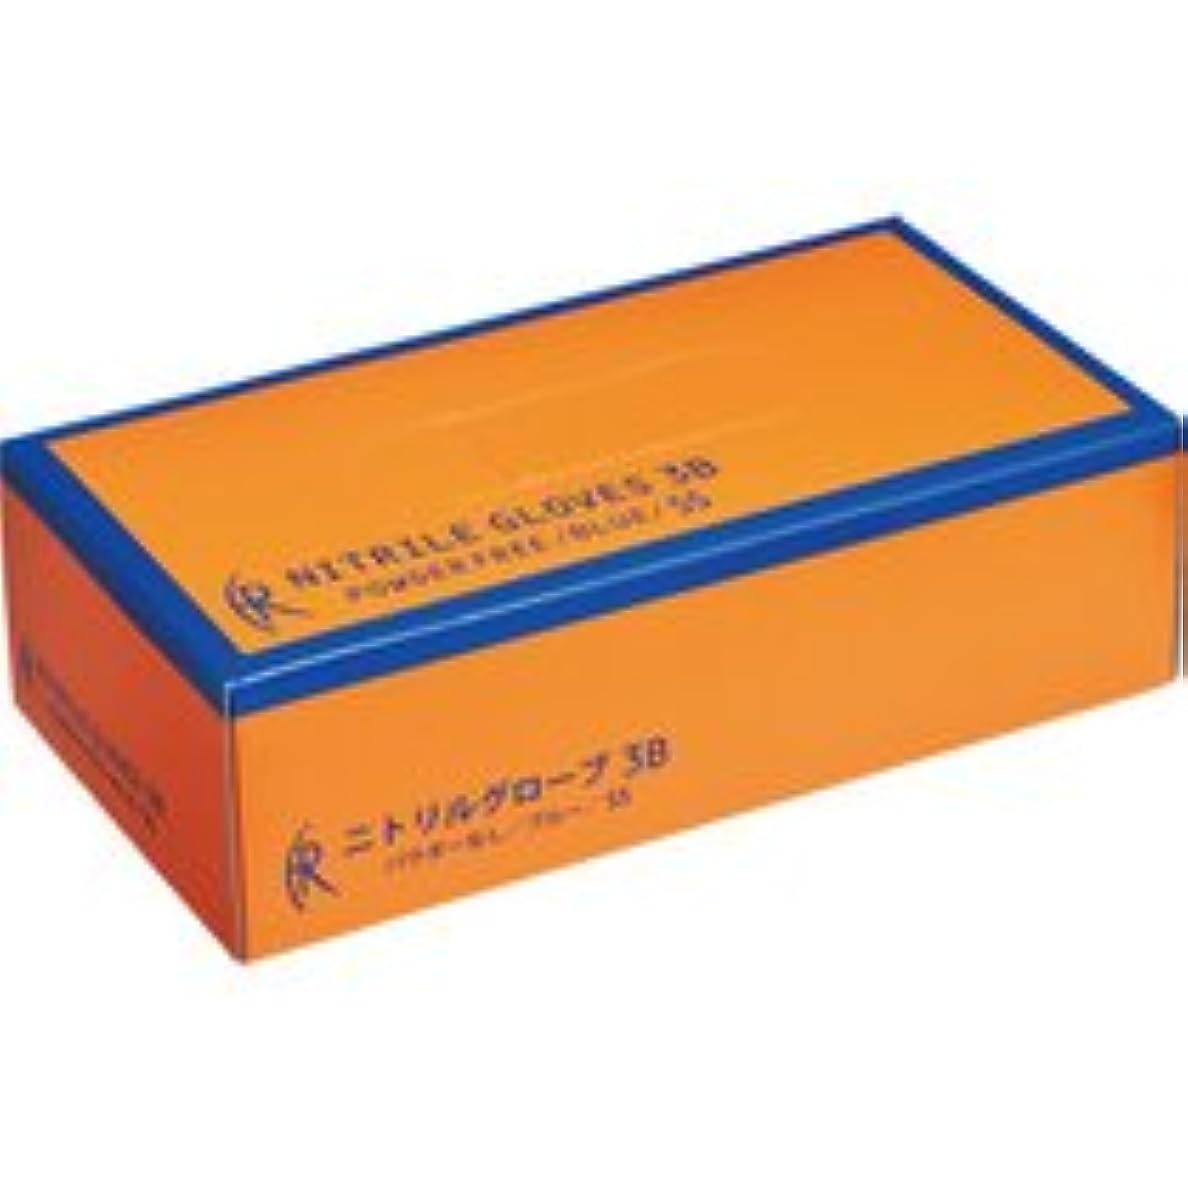 ファーストレイト ニトリルグローブ3B パウダーフリー SS FR-5660 1セット(2000枚:200枚×10箱)